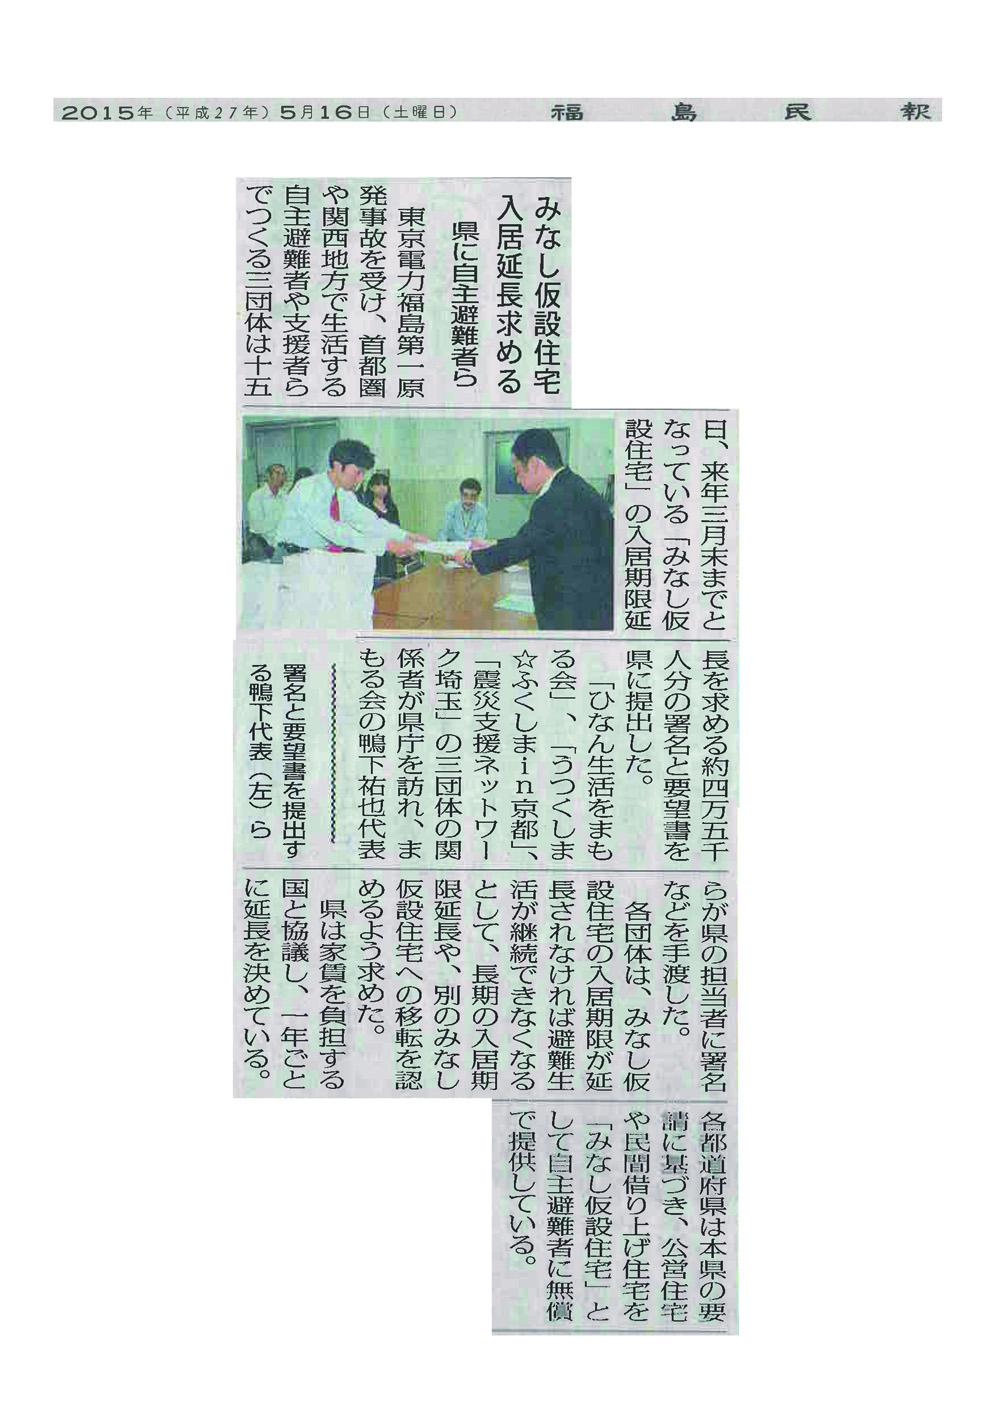 避難用住宅問題:福島県での報道についての情報提供_a0224877_10593398.jpg